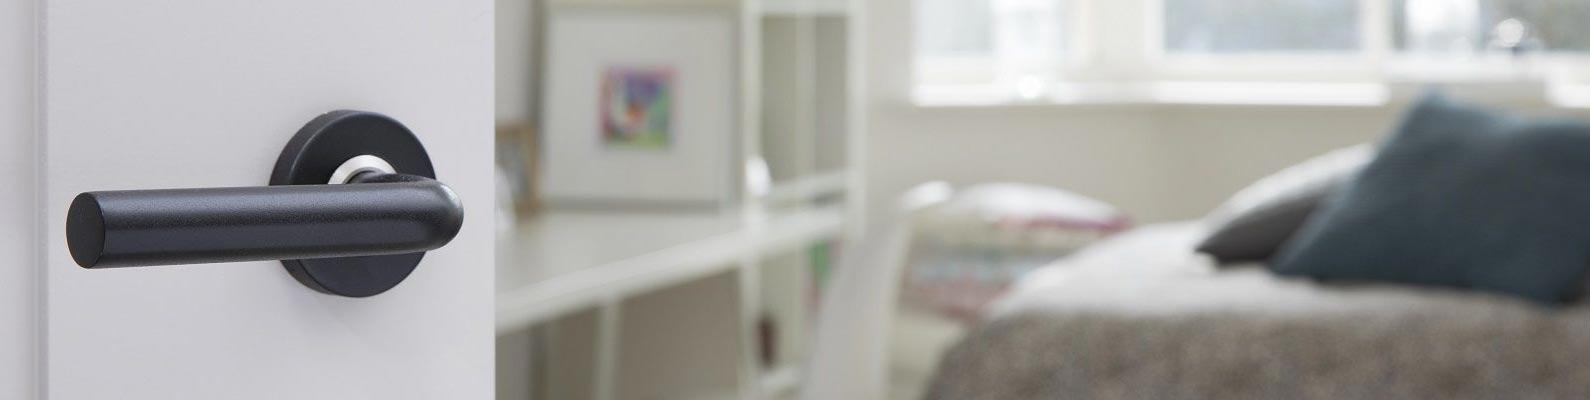 Türgriffe für Wohnungseingangstüren günstig online kaufen